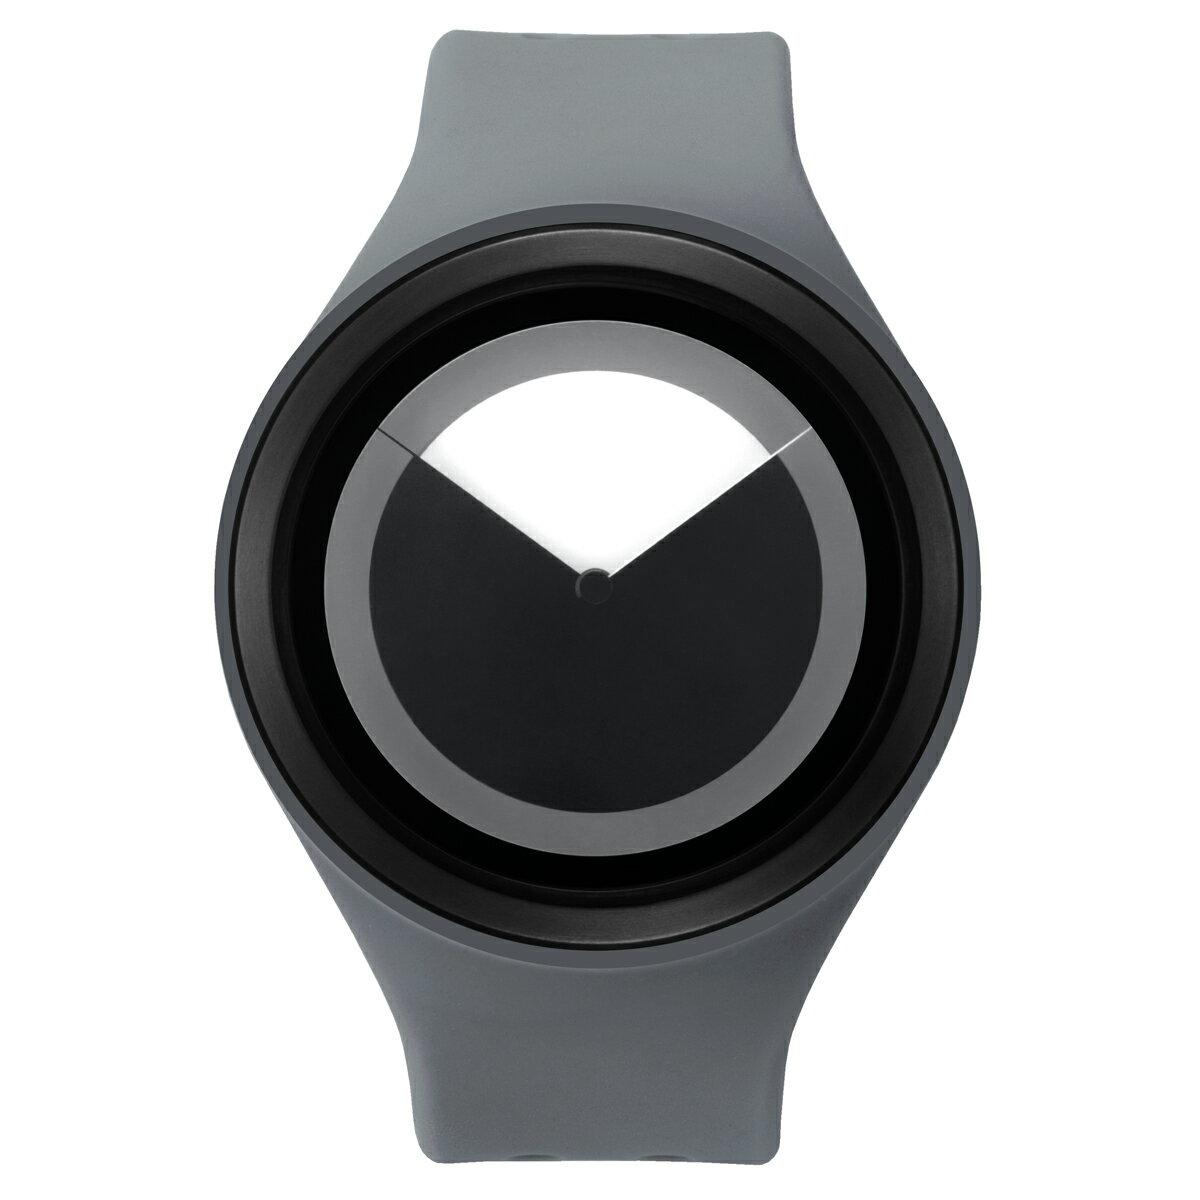 ZEROO DEEPSKY SWEEPING ゼロ 電池式クォーツ 腕時計 [W00402B03SR03] グレー デザインウォッチ ペア用 メンズ レディース ユニセックス おしゃれ時計 デザイナーズ